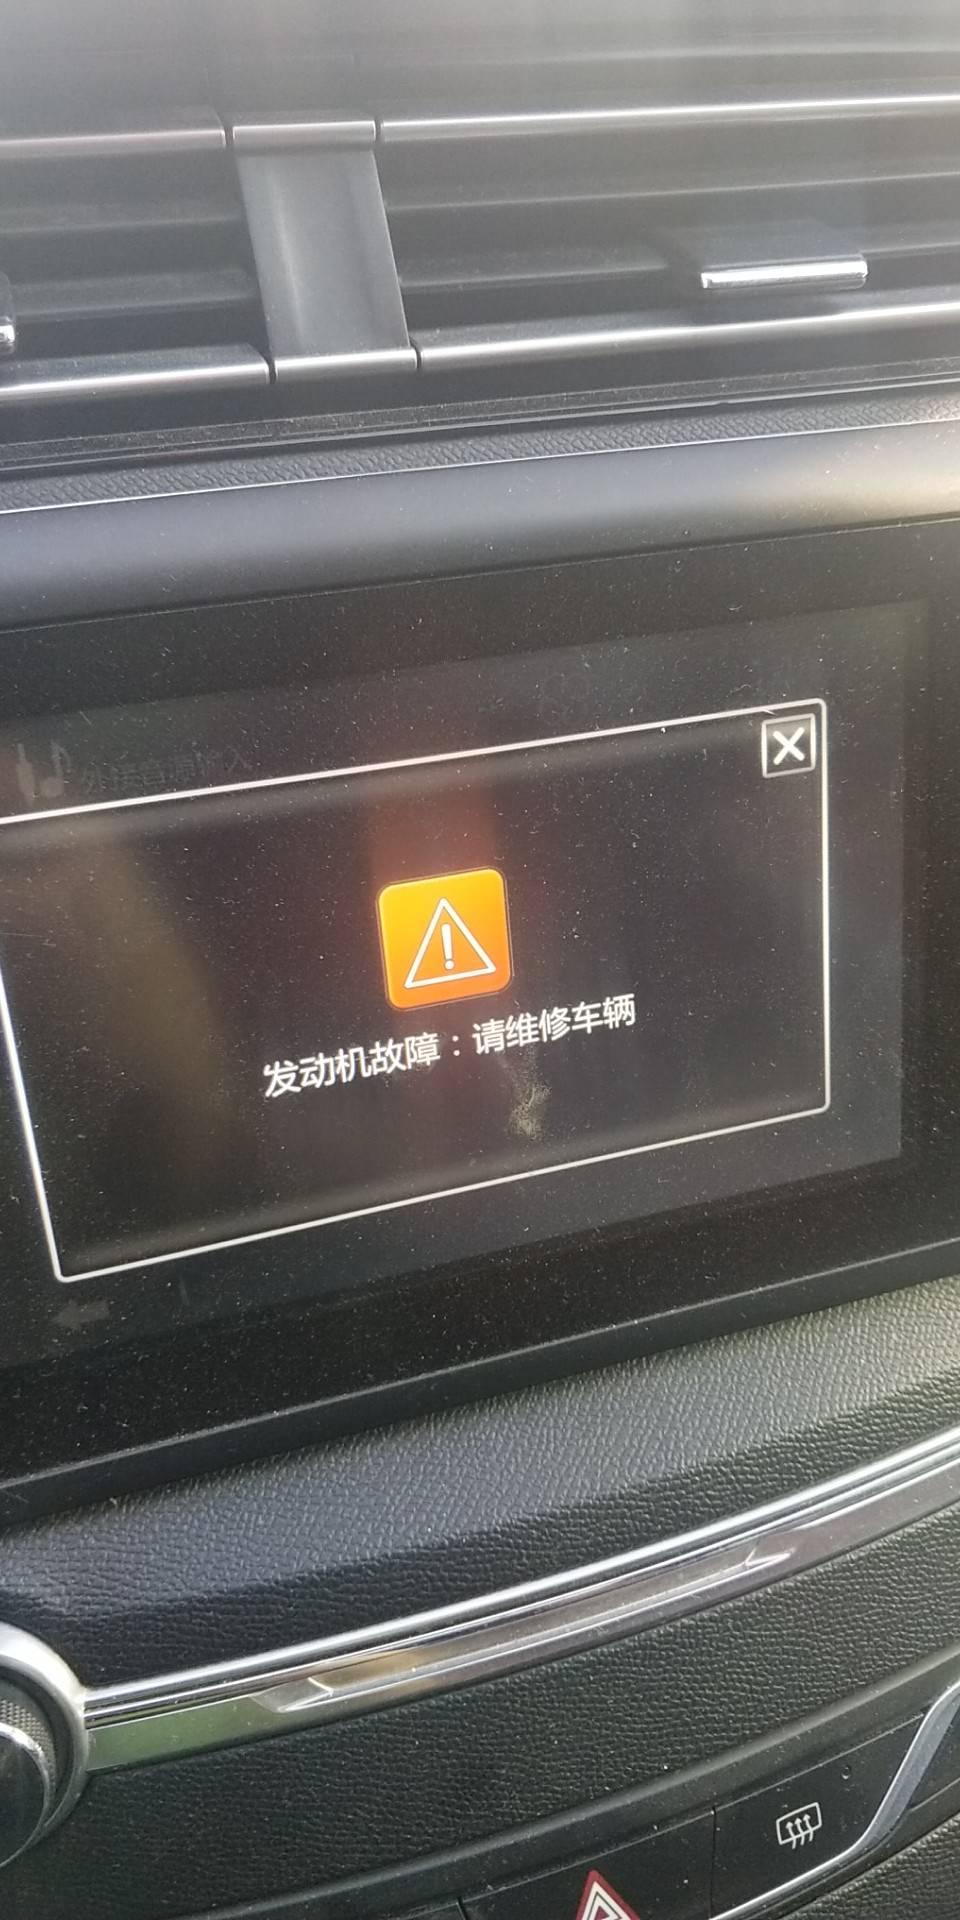 该车烧机油严重,4S店一直不修,拖延&nbsp